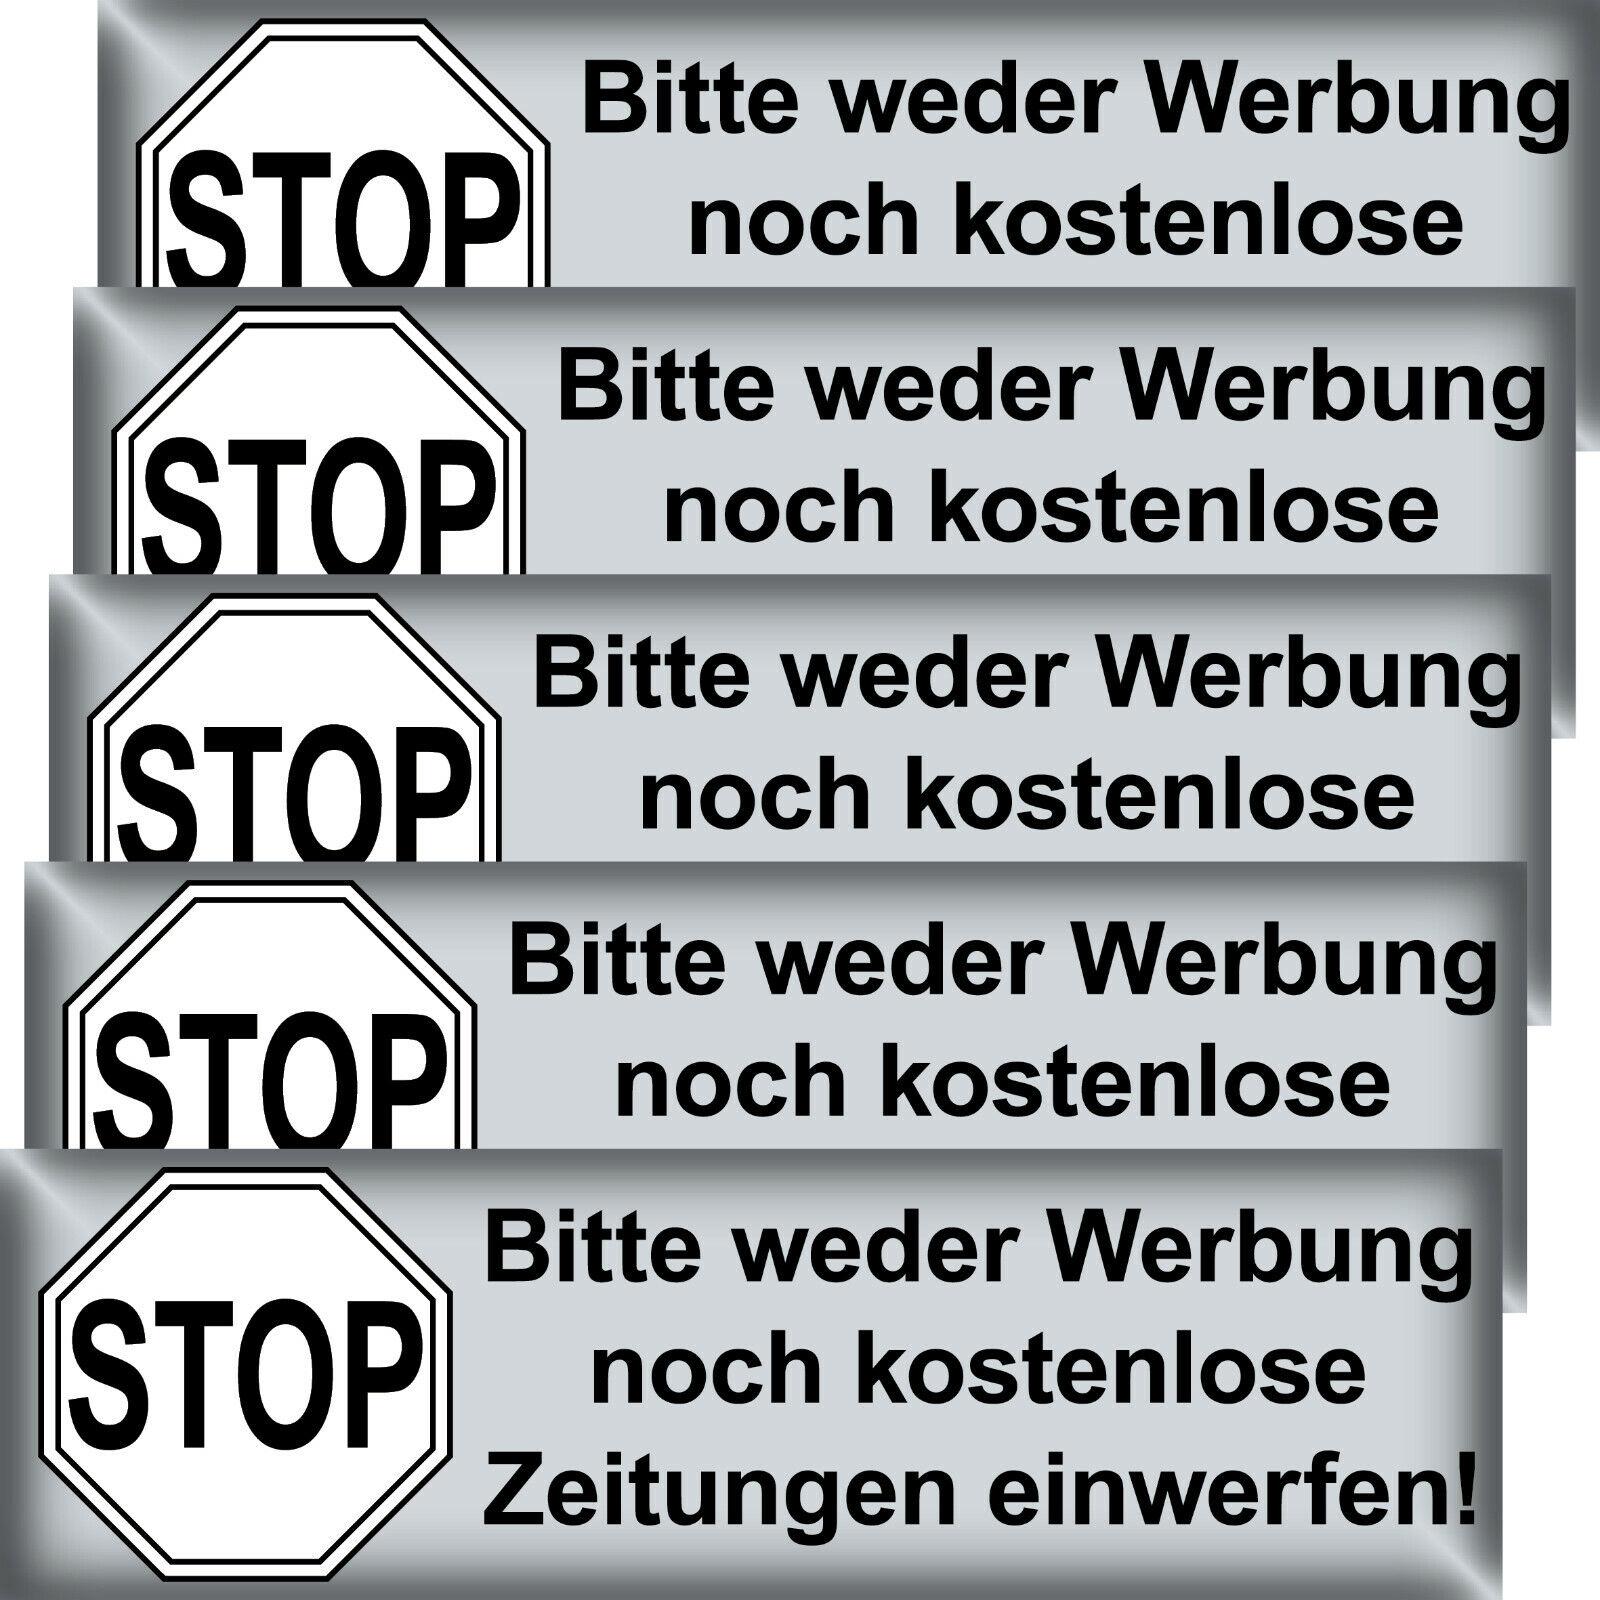 5 Aufkleber Stop Bitte Keine Werbung Kostenlose Zeitungen Einwerfen Briefkasten